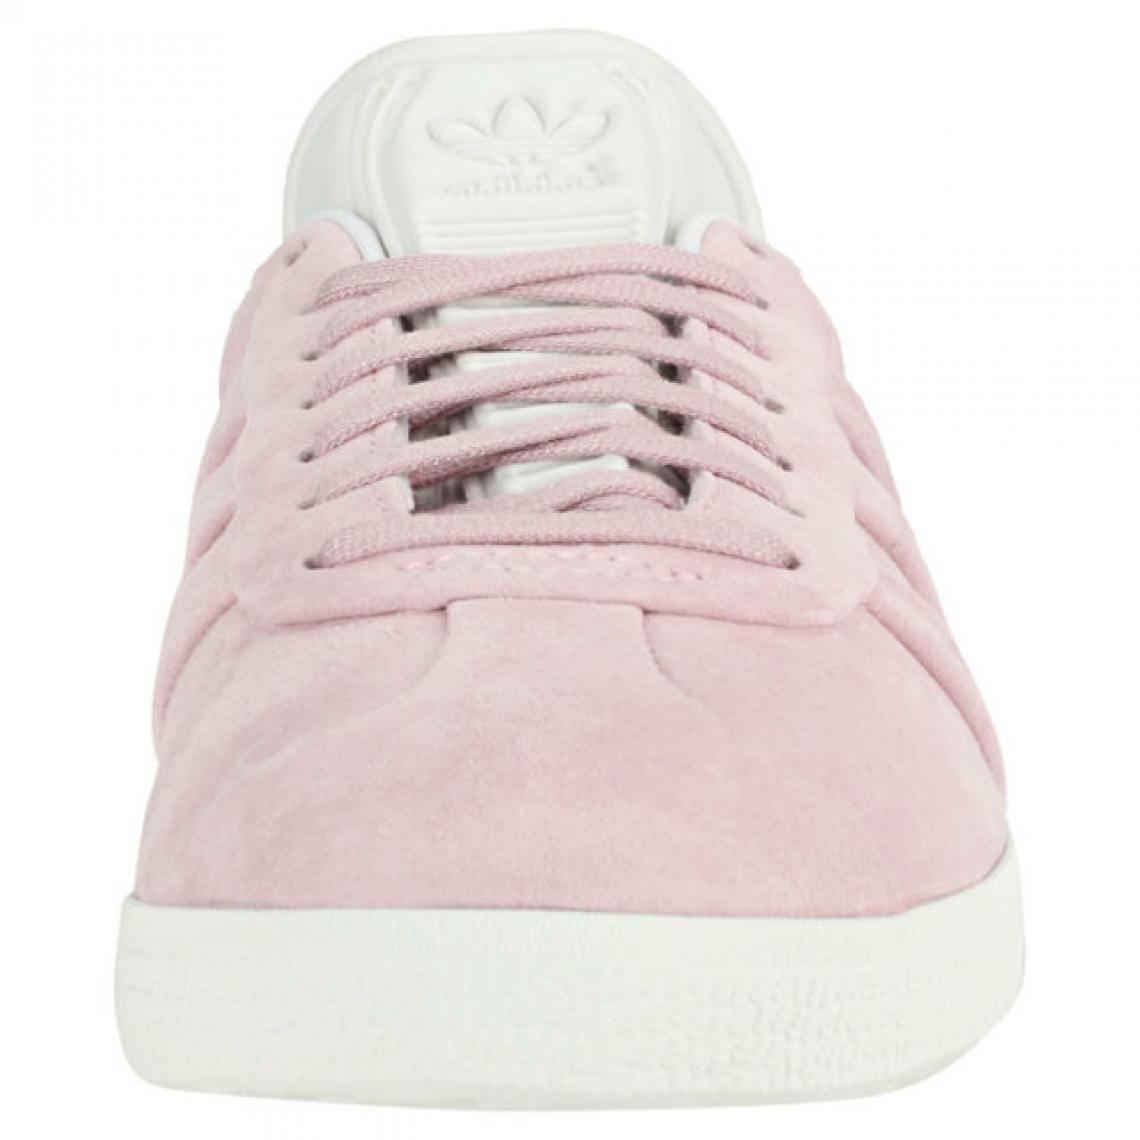 adidas originals gazelle rose